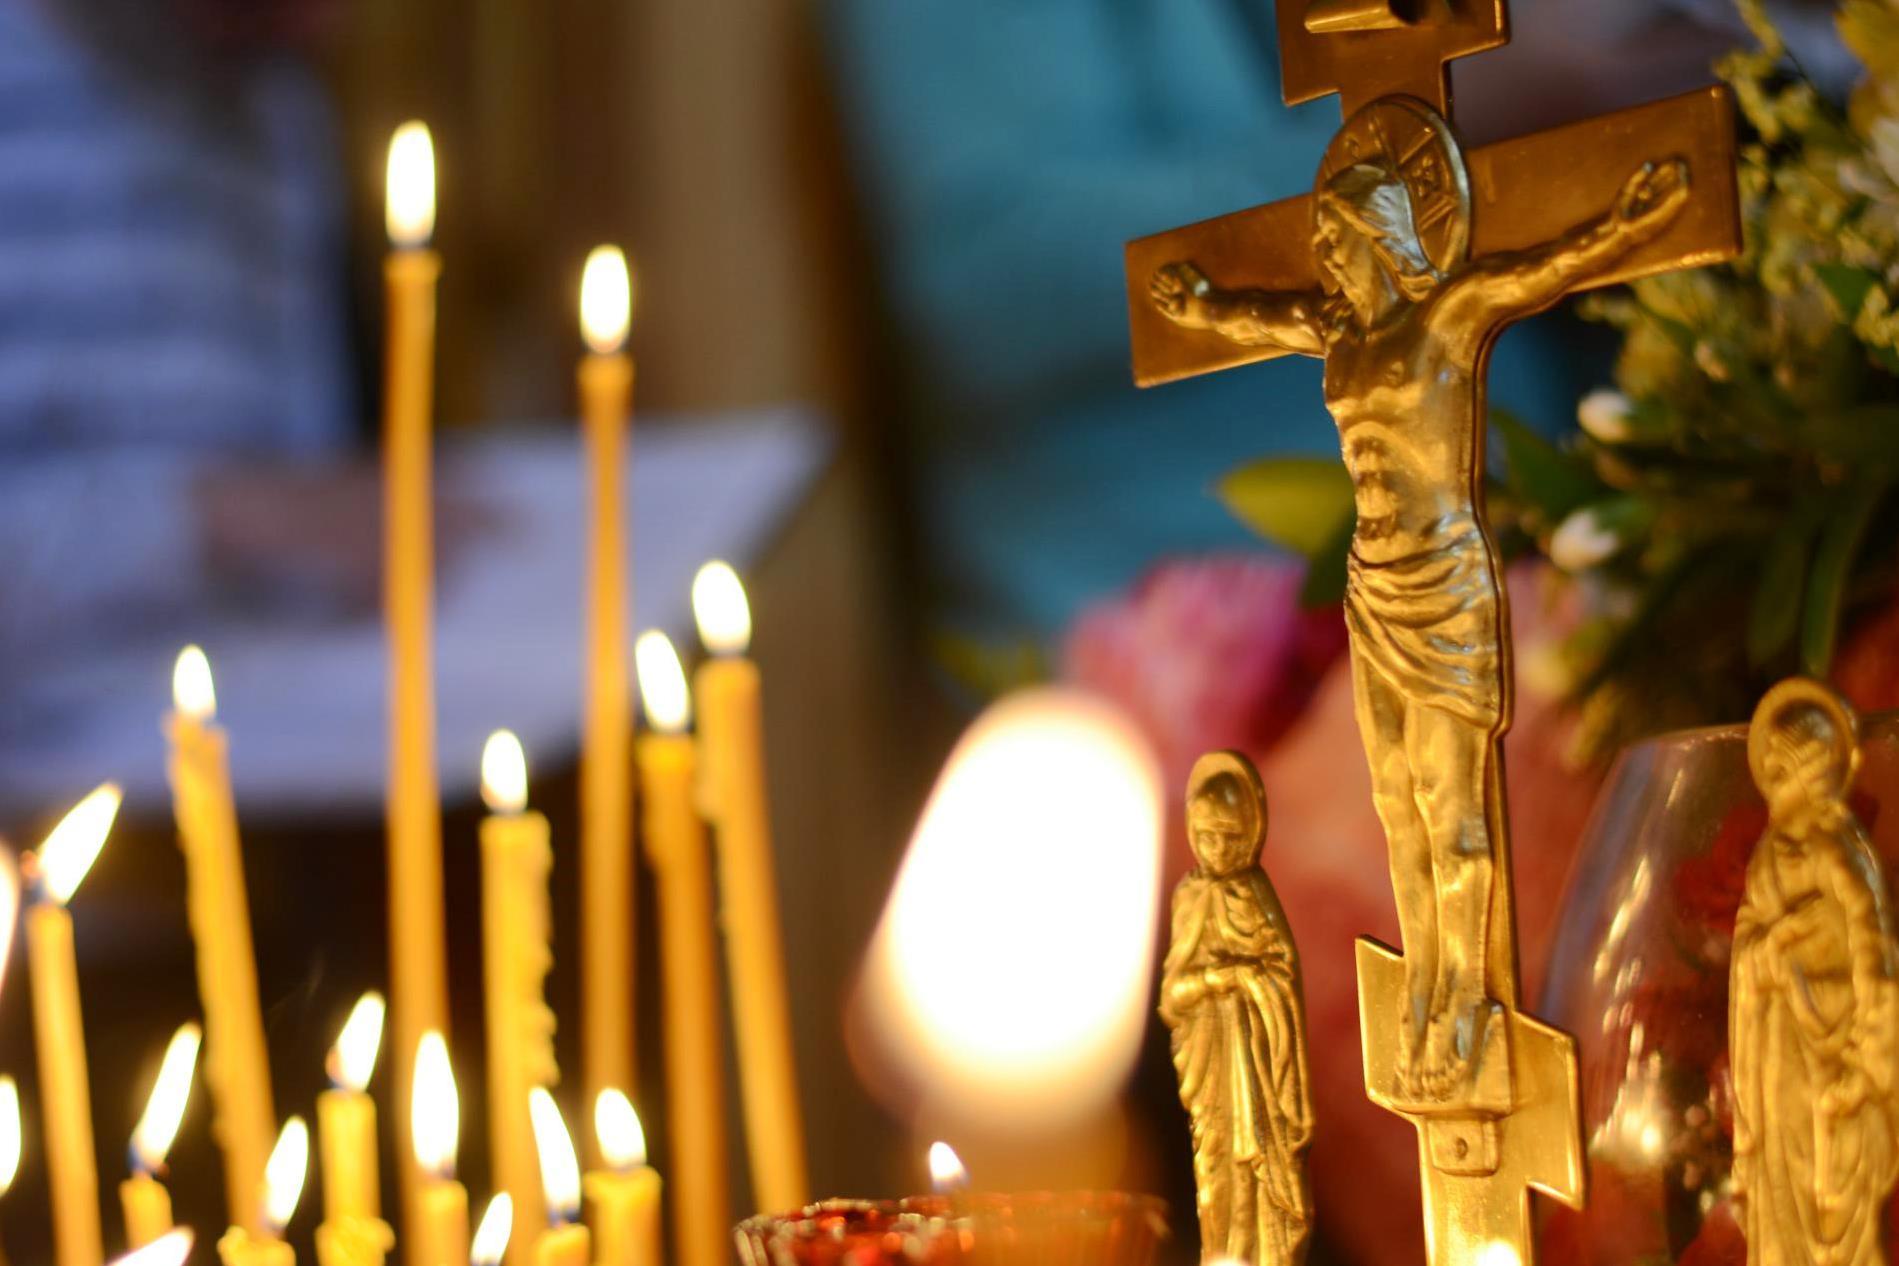 Радоница и молитва: как поминать усопших правильно